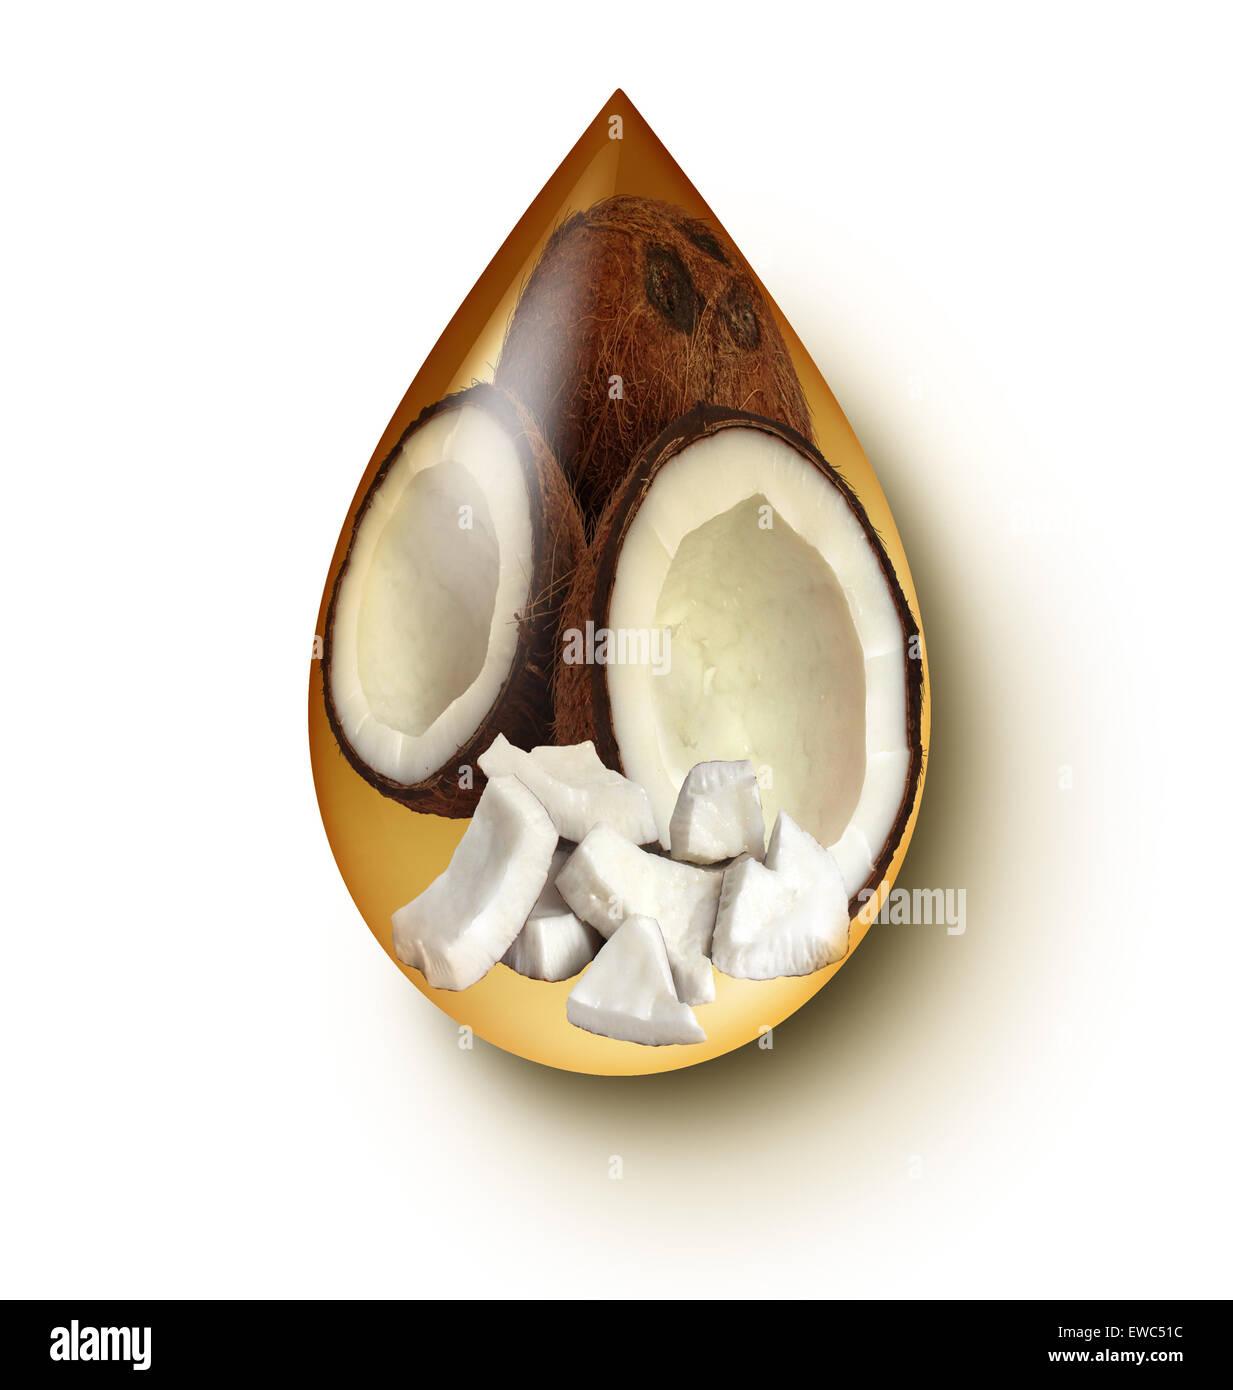 Kokosöl Flüssigkeitstropfens Konzept auf einem weißen Hintergrund als Wellness-Symbol und Ikone der Stockbild